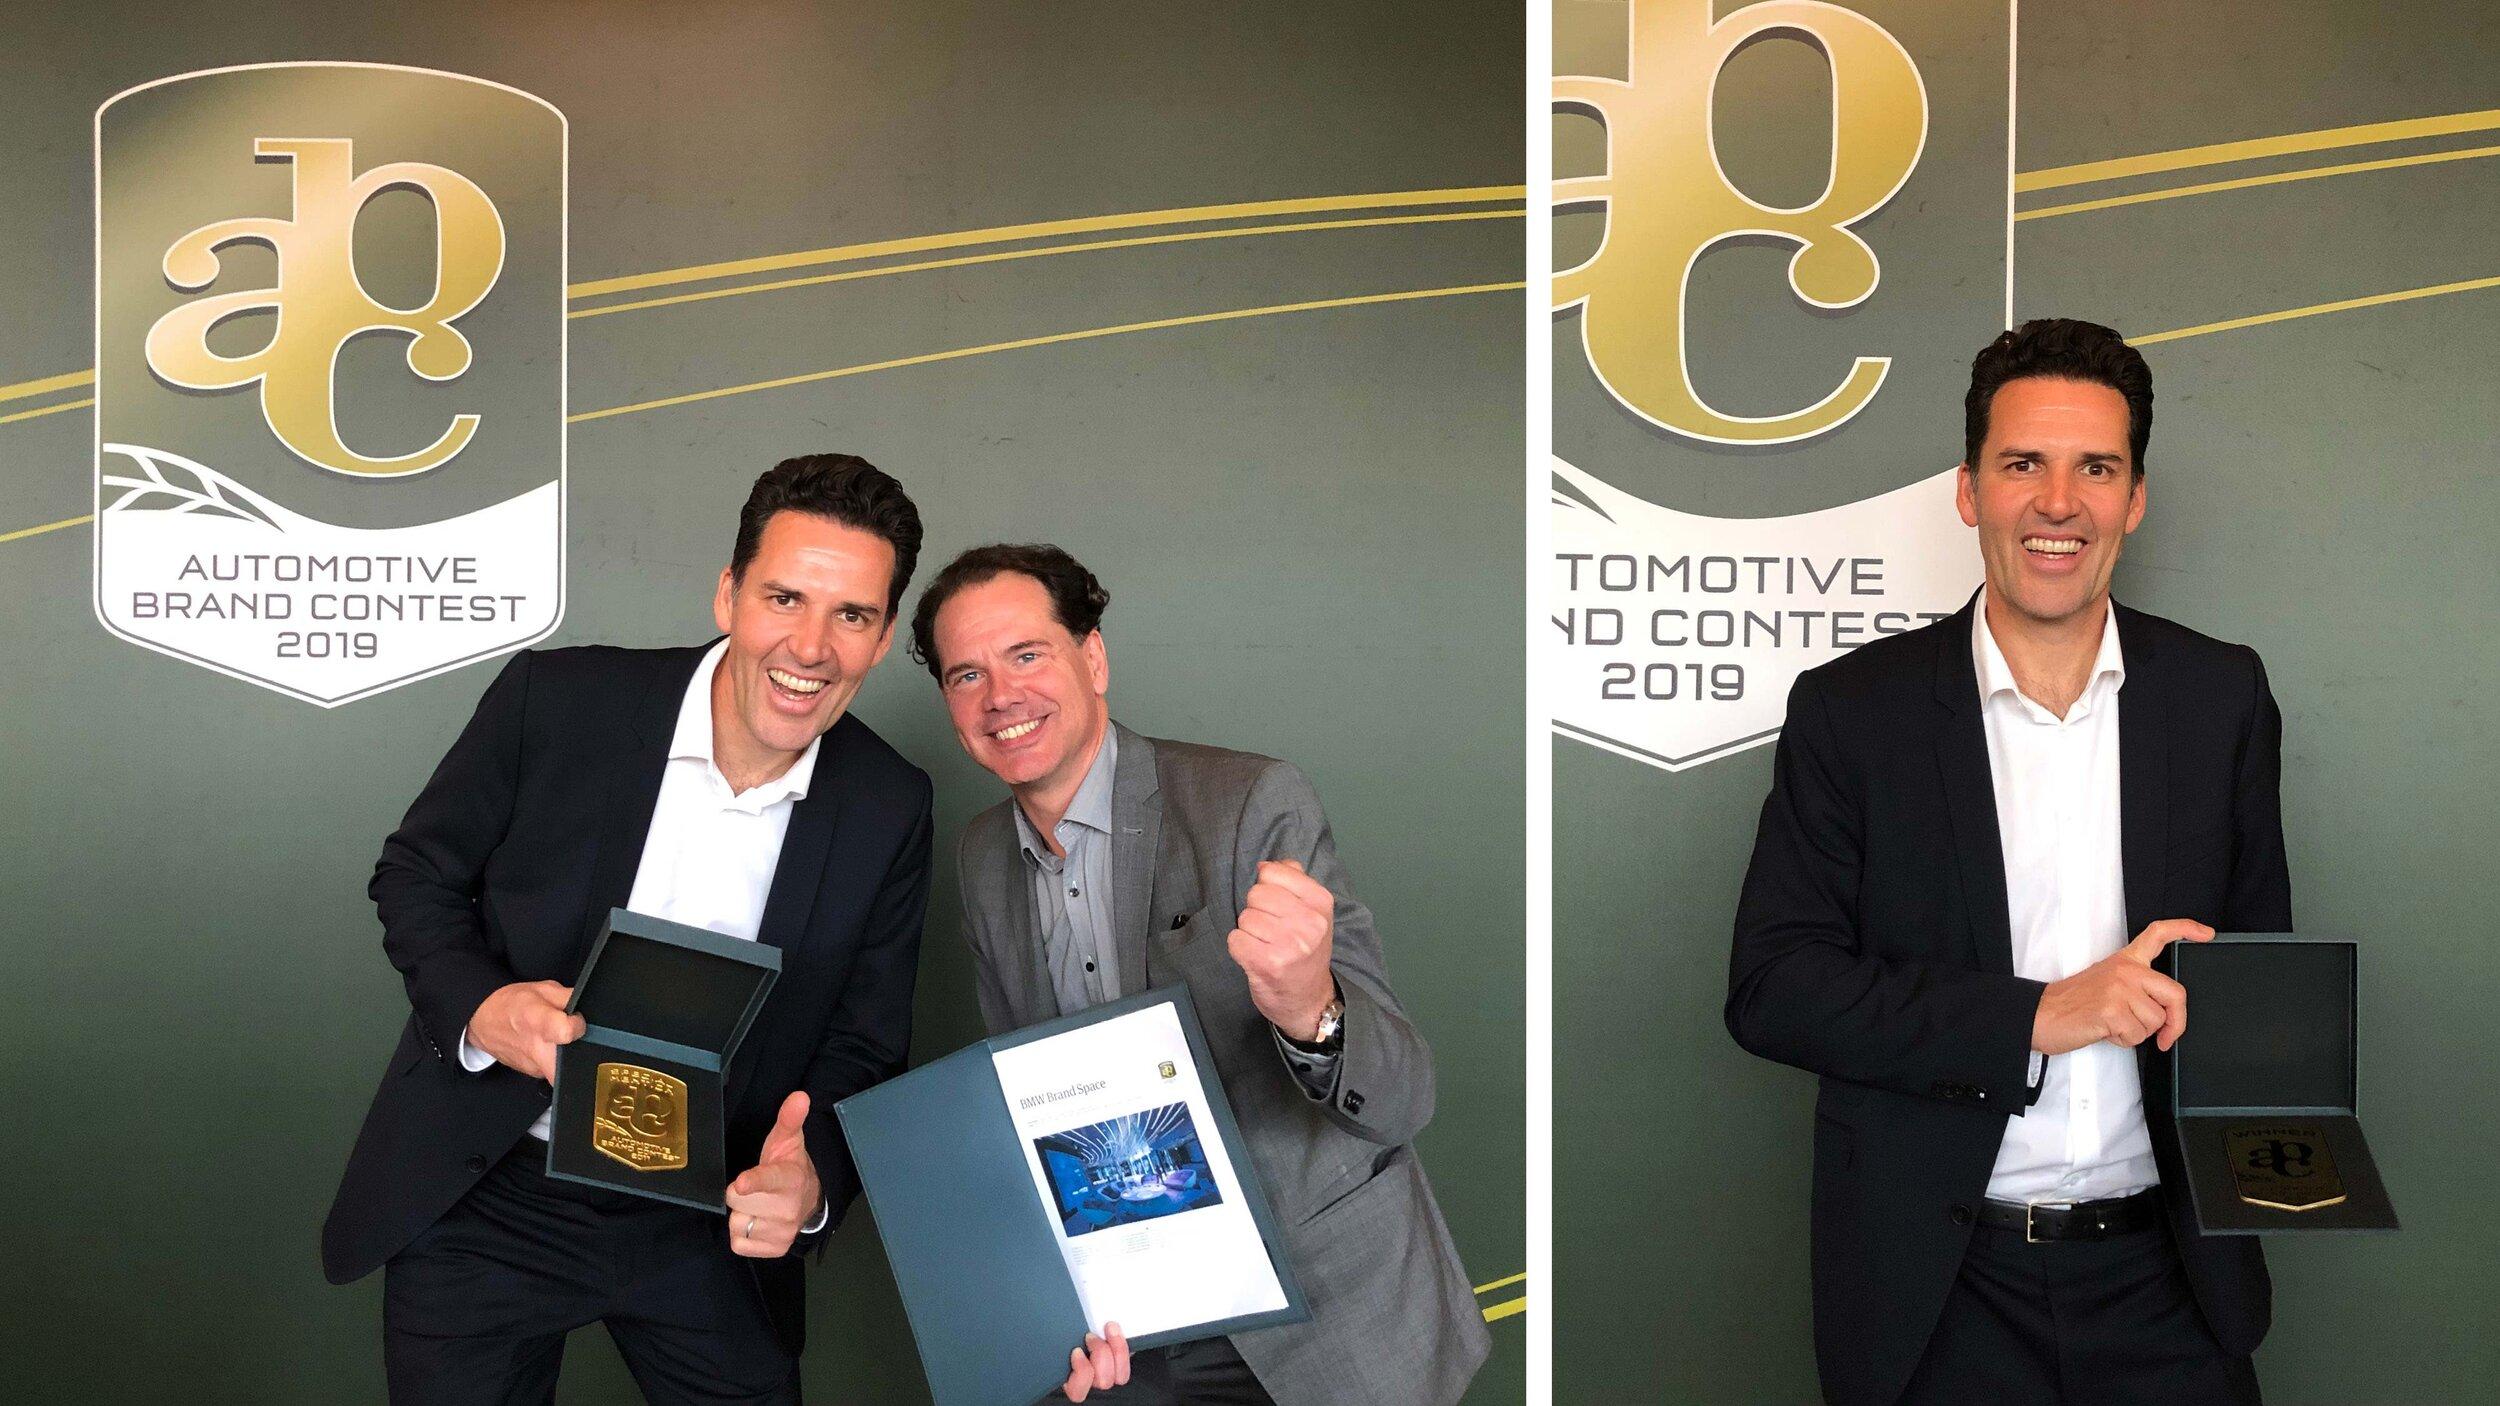 BMW Welt |BMW Brand Space von yellow design gewinnt beim Automotive Brand Contest 2019 |Jörg Dohmen und Ernst Wedekind